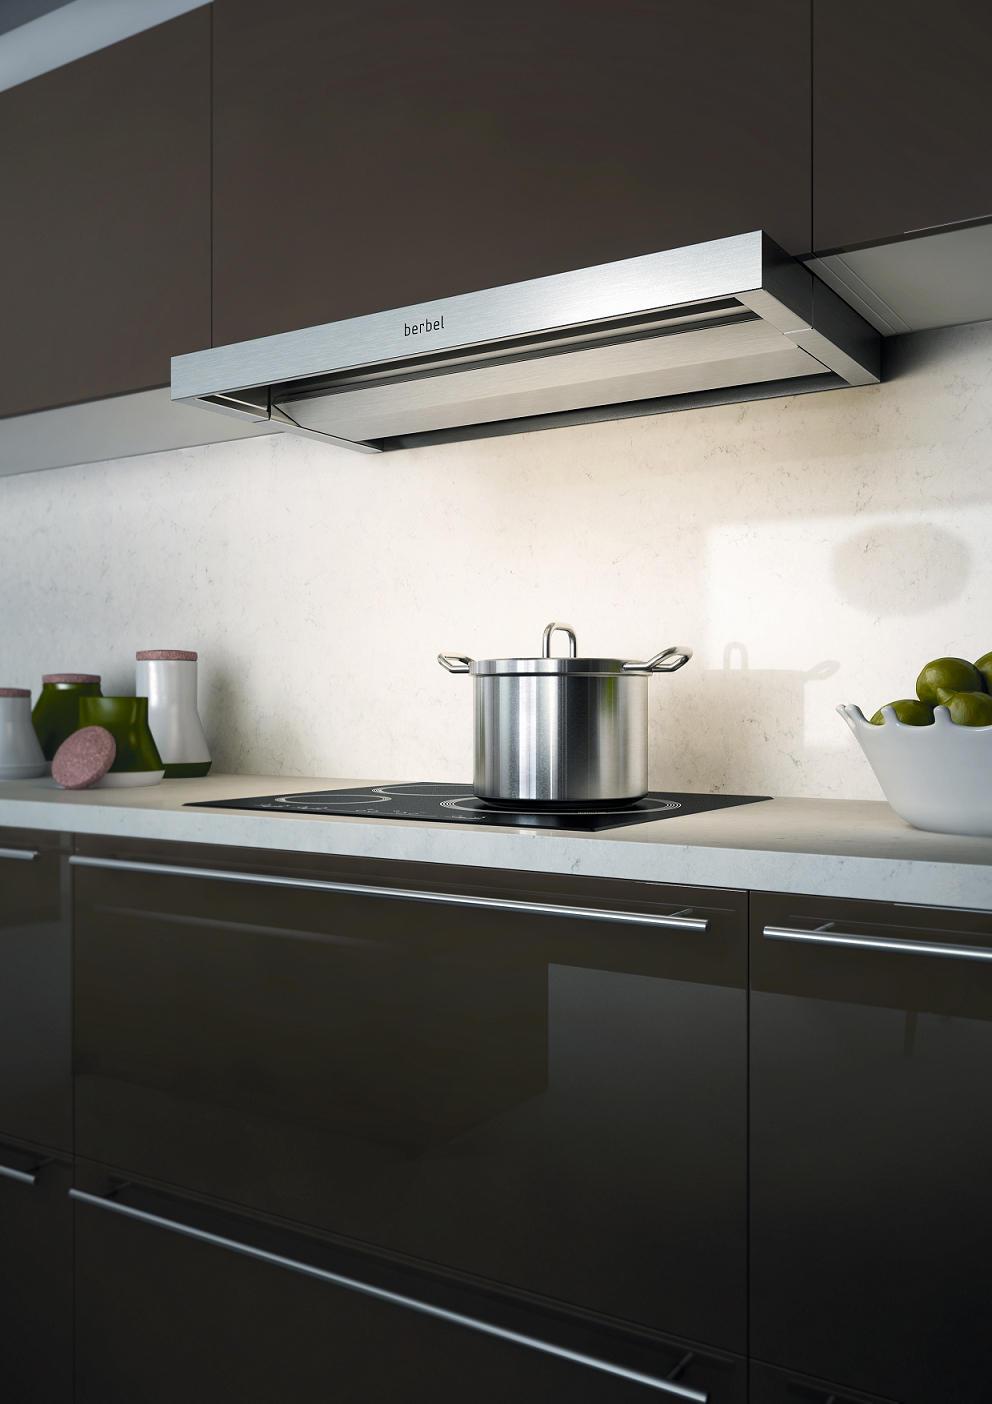 отношения фото кухонь со встроенной вытяжкой шопиным стучаться